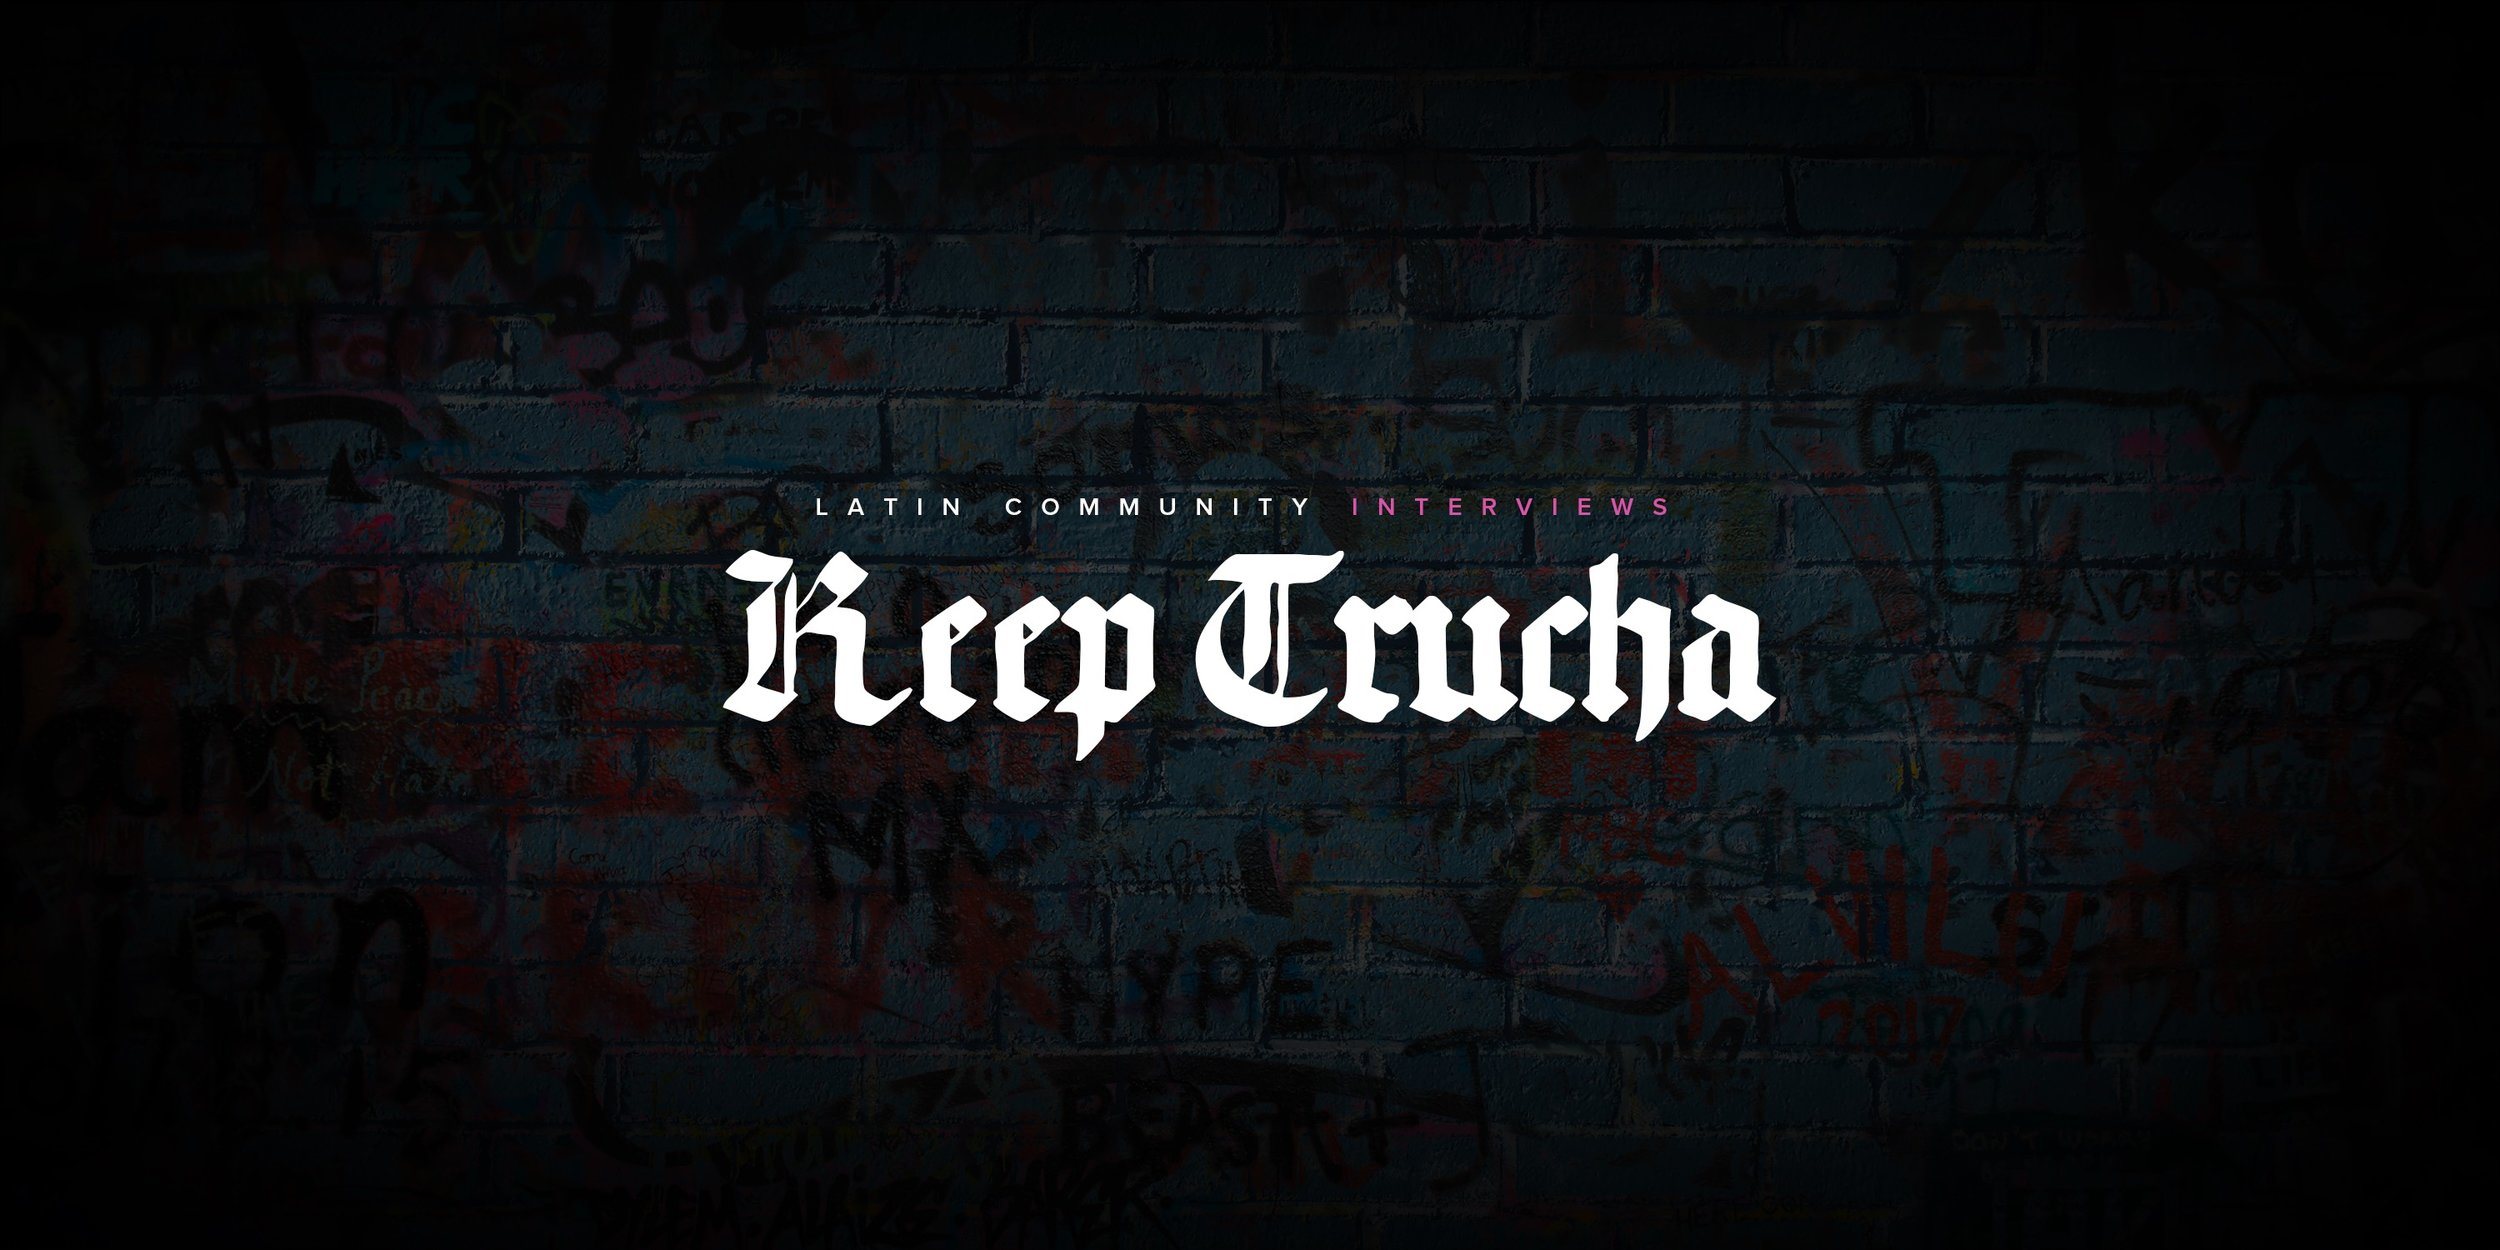 Keep Trucha-squashed.jpg